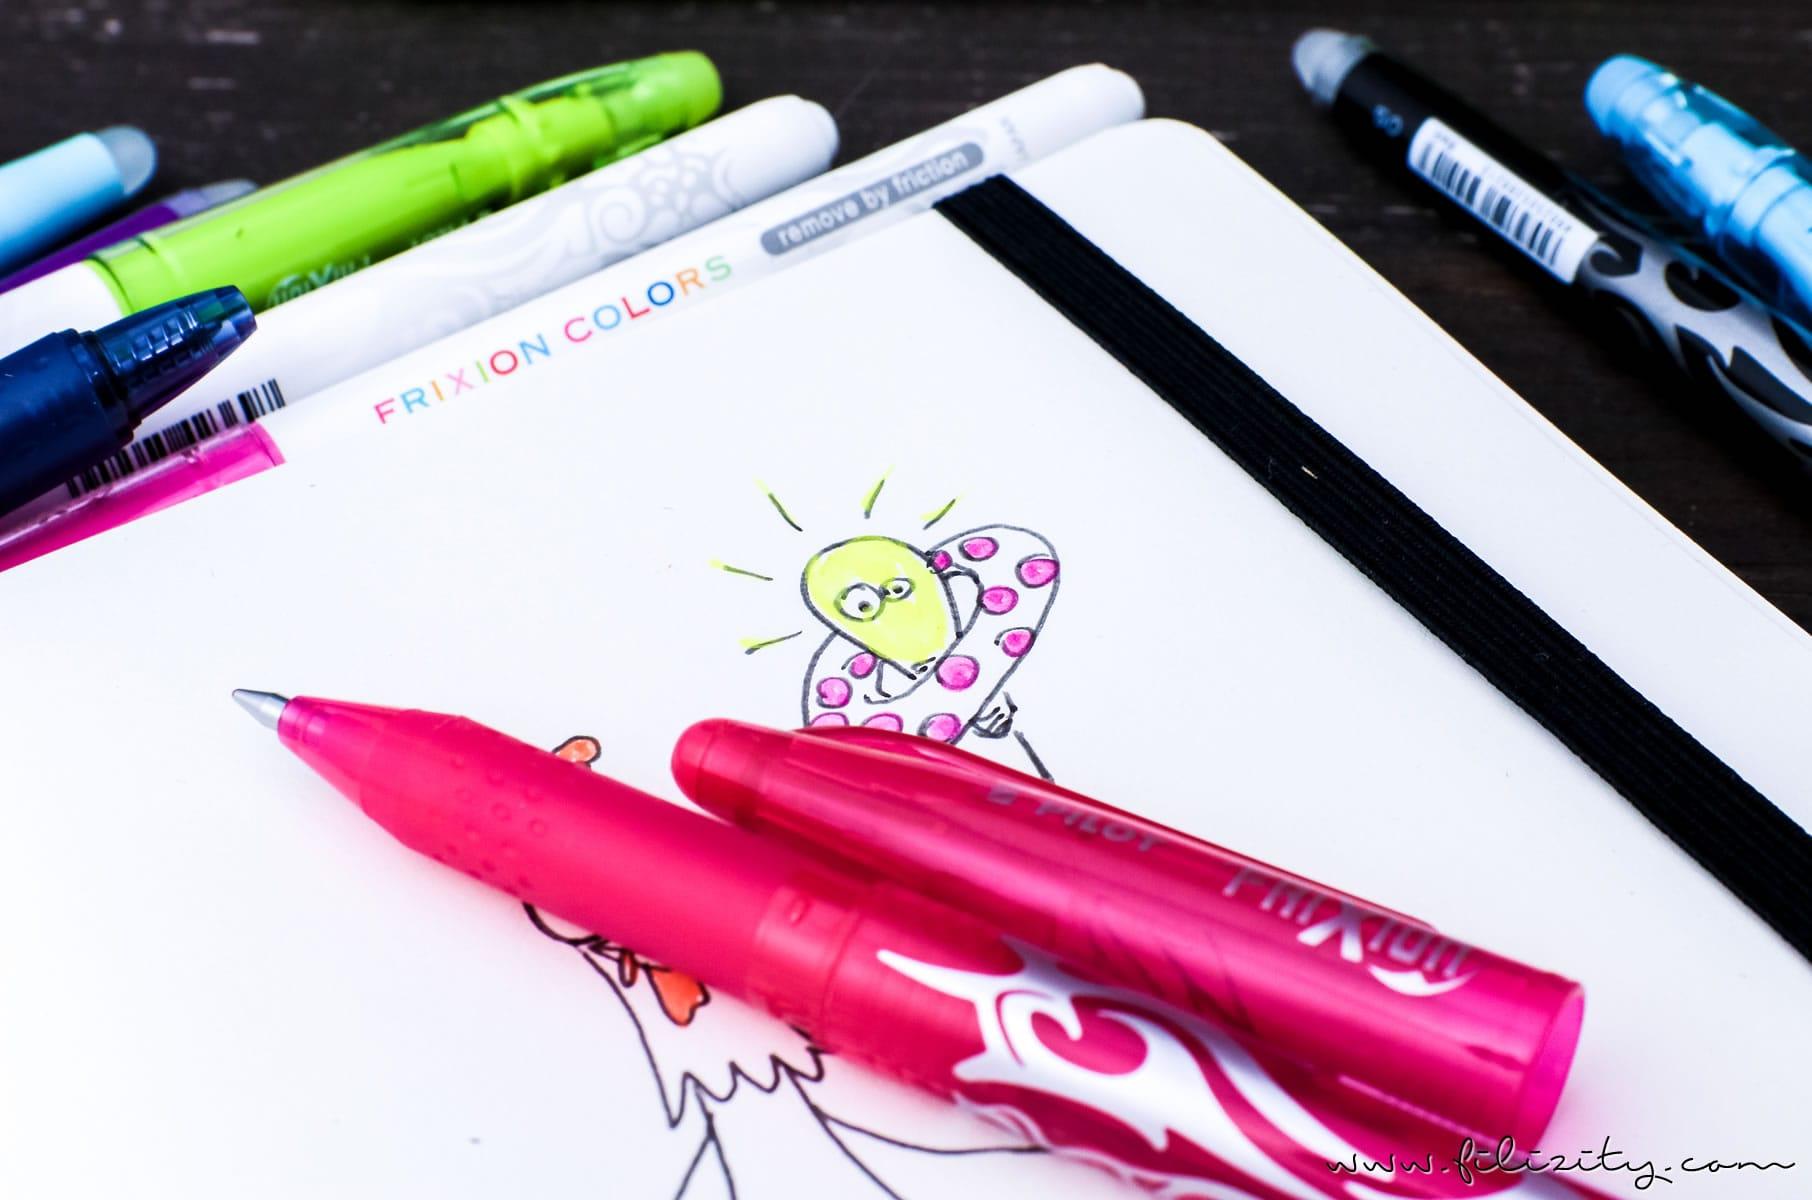 Von verrückten Hühnern und irren Ideen – Ein neues Blogdesign entsteht | Zeichnen mit PILOT FriXion Stiften #frixionfamily #pilot #frixion #design #blog